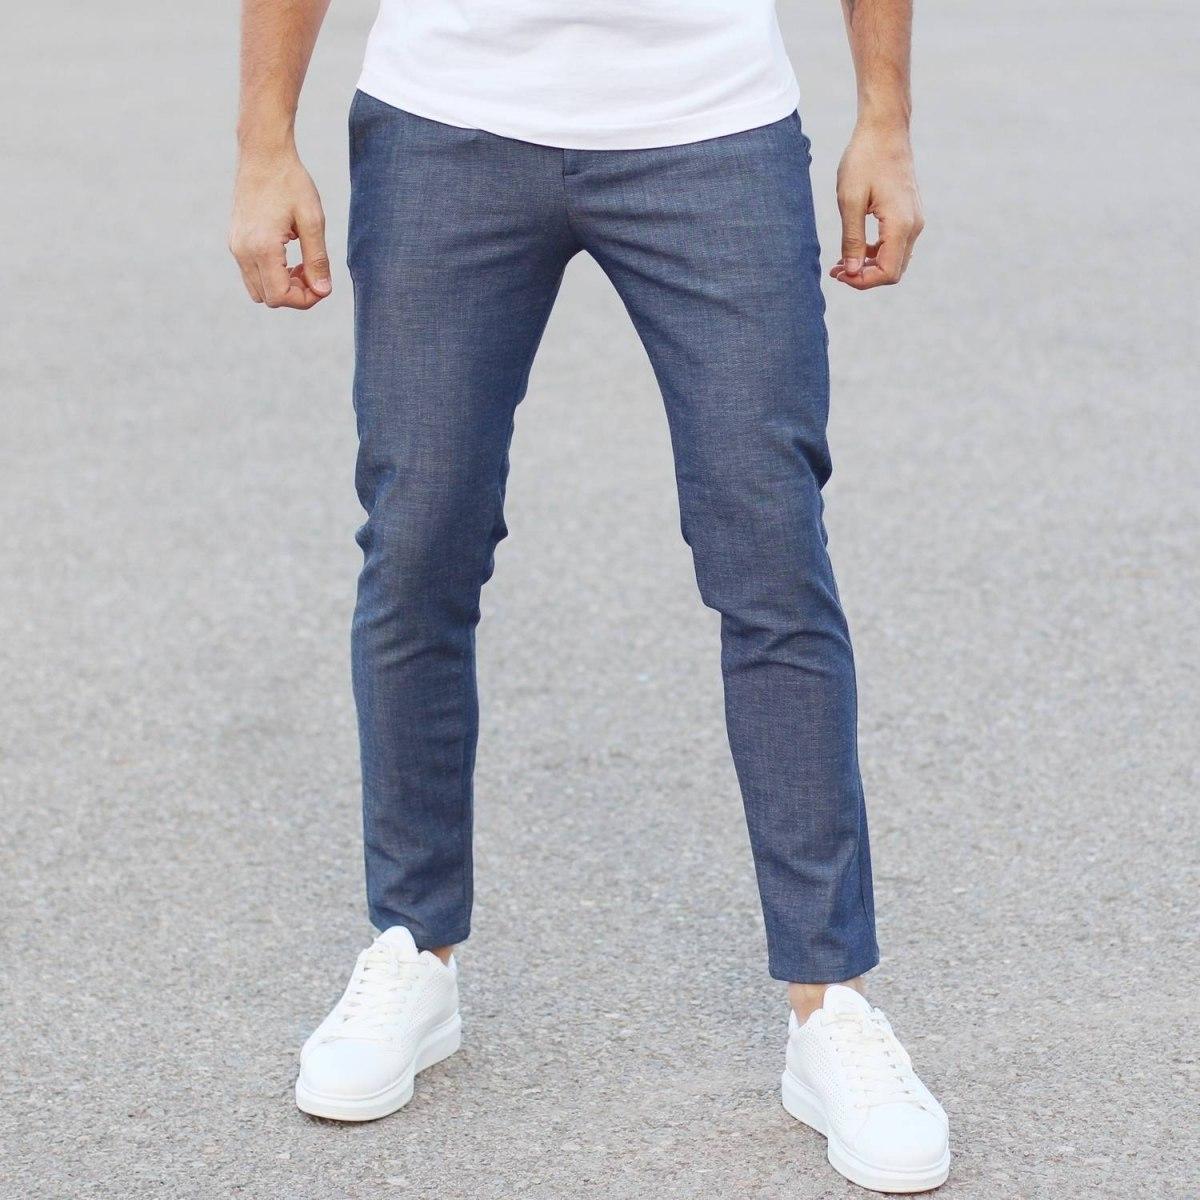 Slim Smart-Wear Pants in...